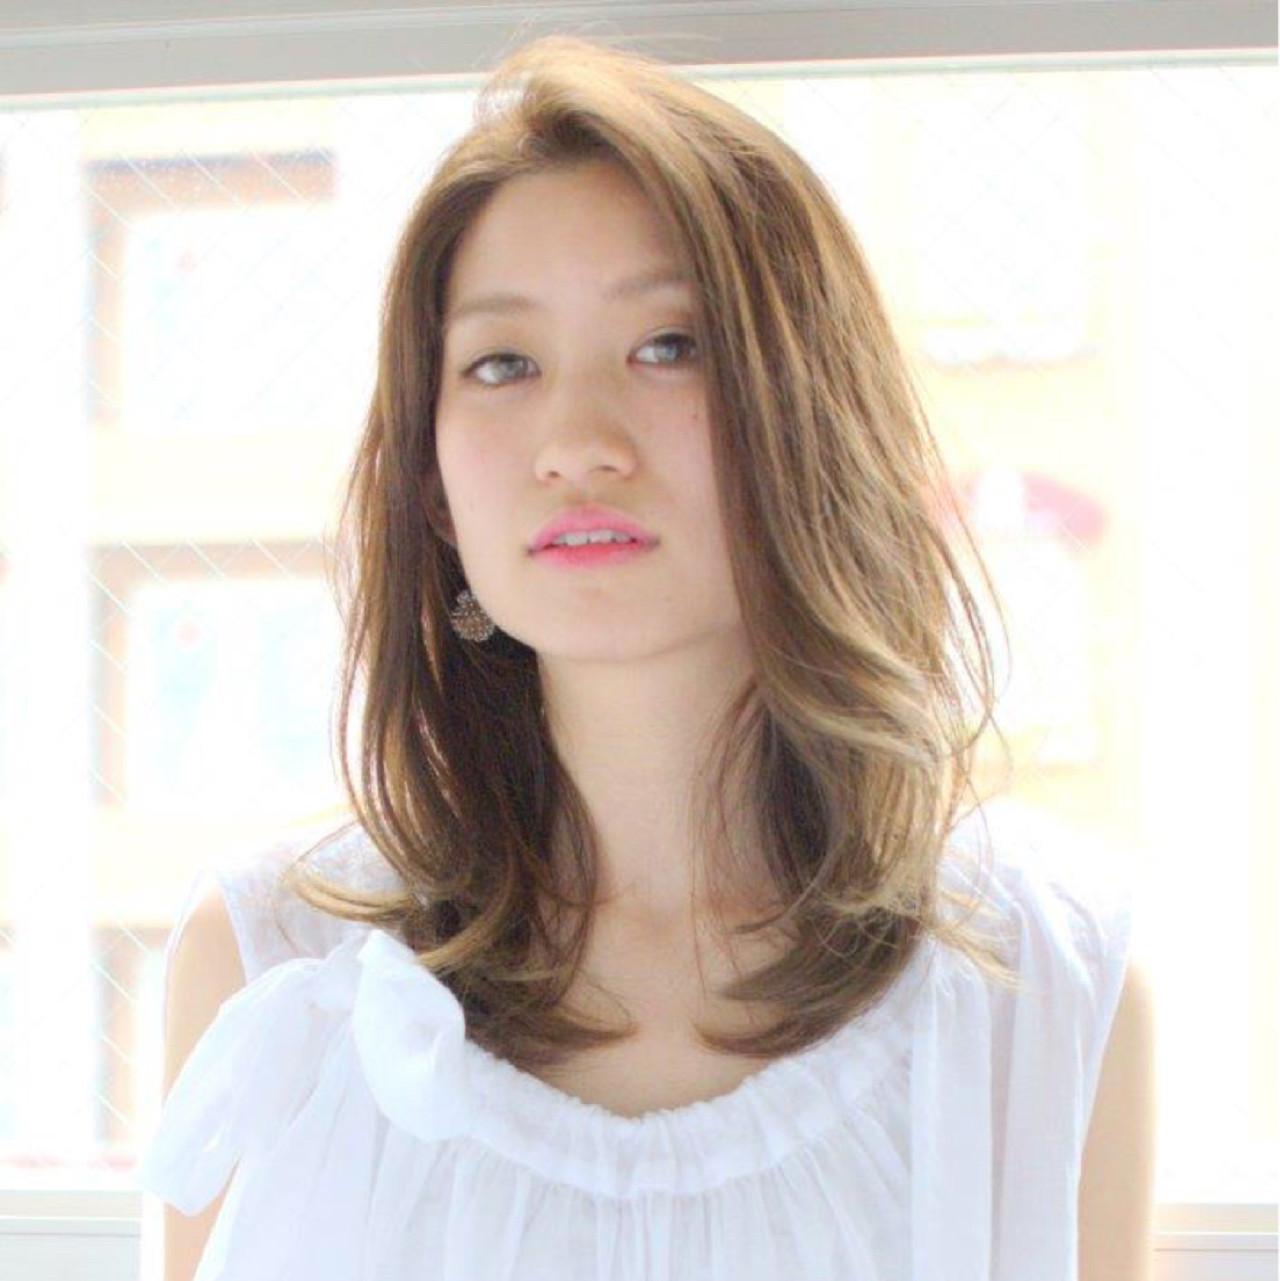 ナチュラル 斜め前髪 パーマ デート ヘアスタイルや髪型の写真・画像